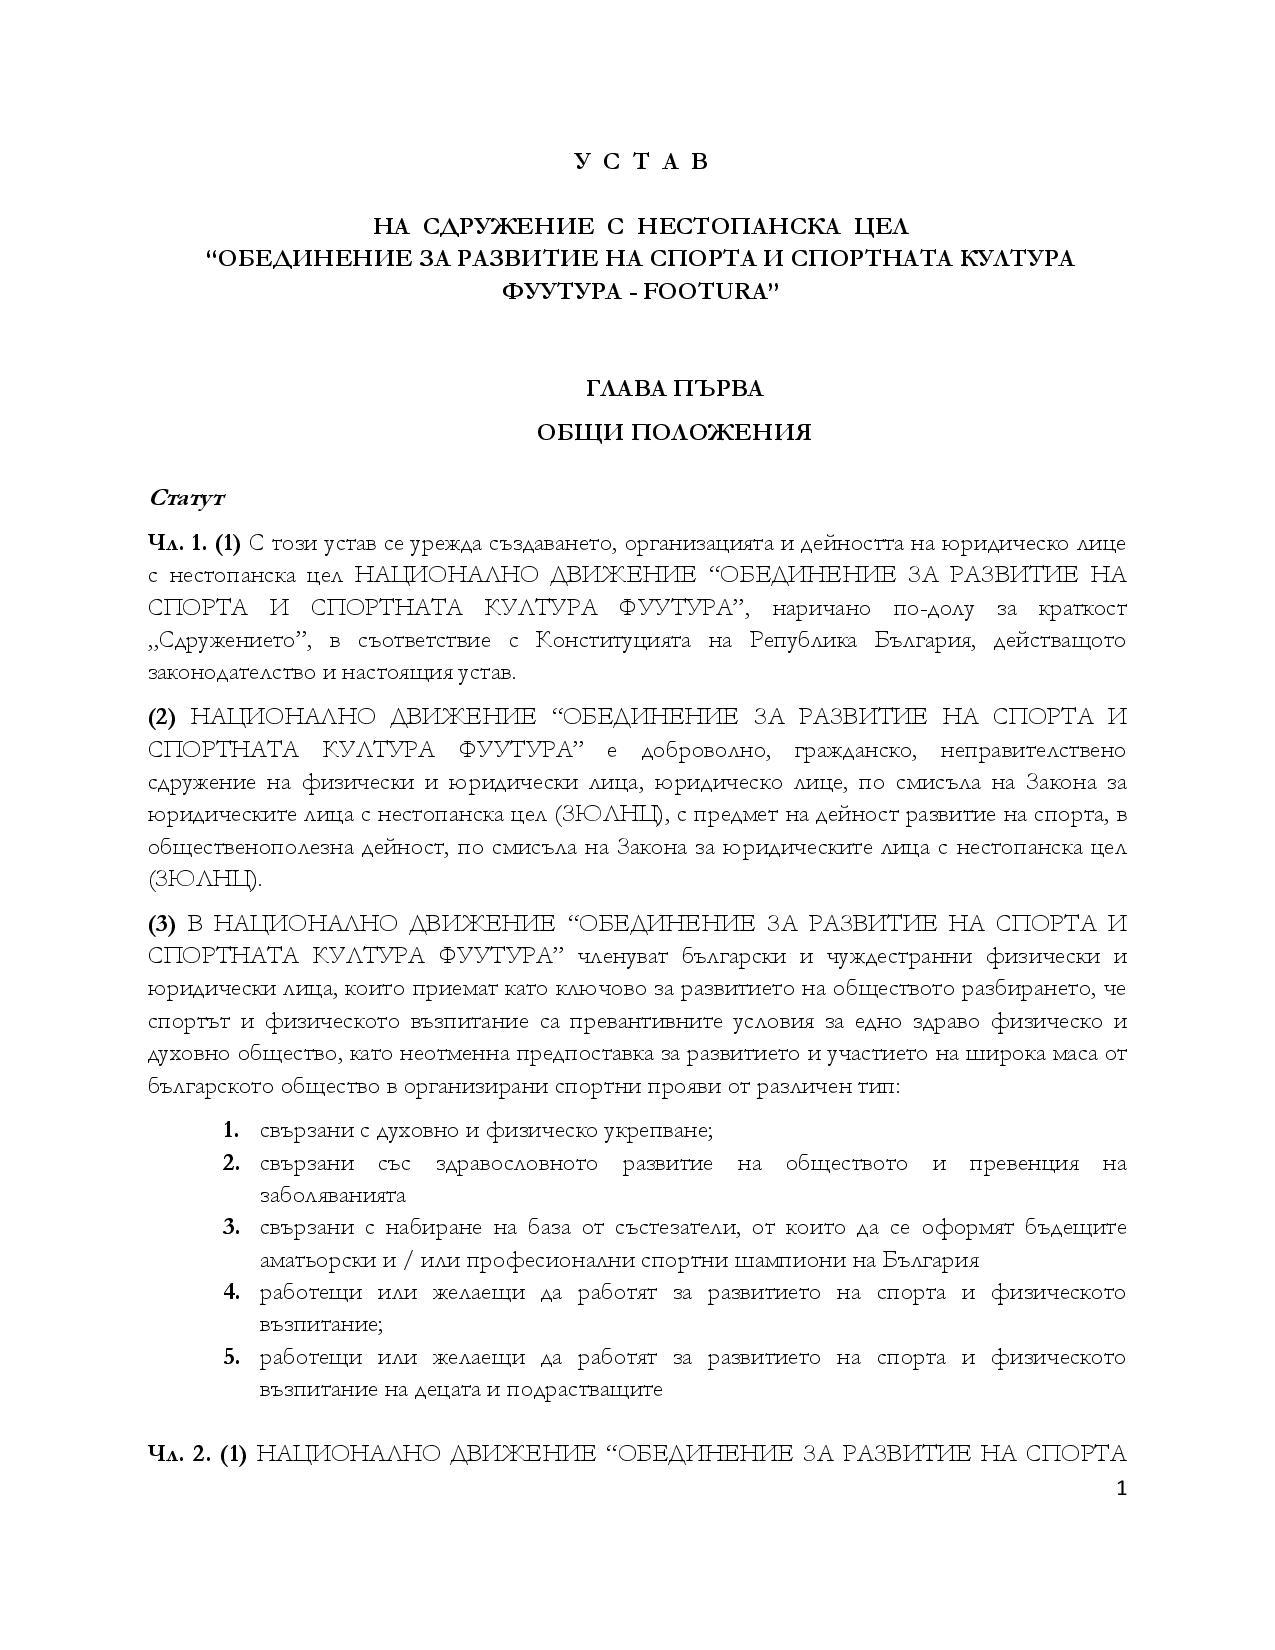 Ustav_Footura_final_2013-page-001